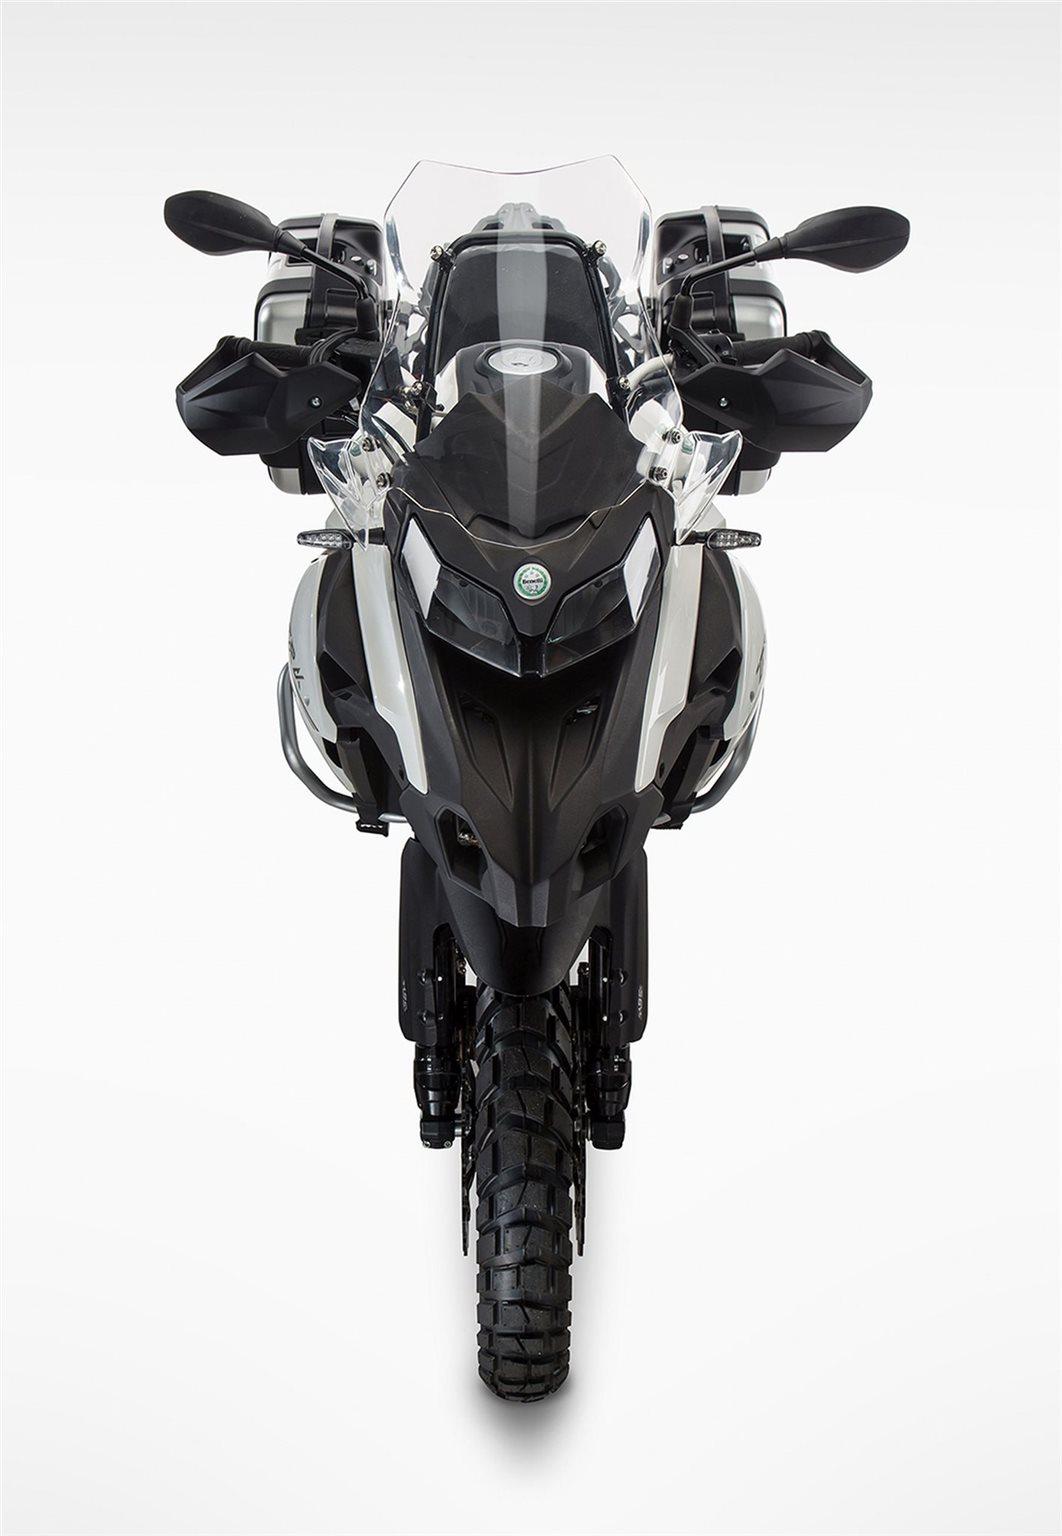 Benelli TRK 502 Motorrad, neu